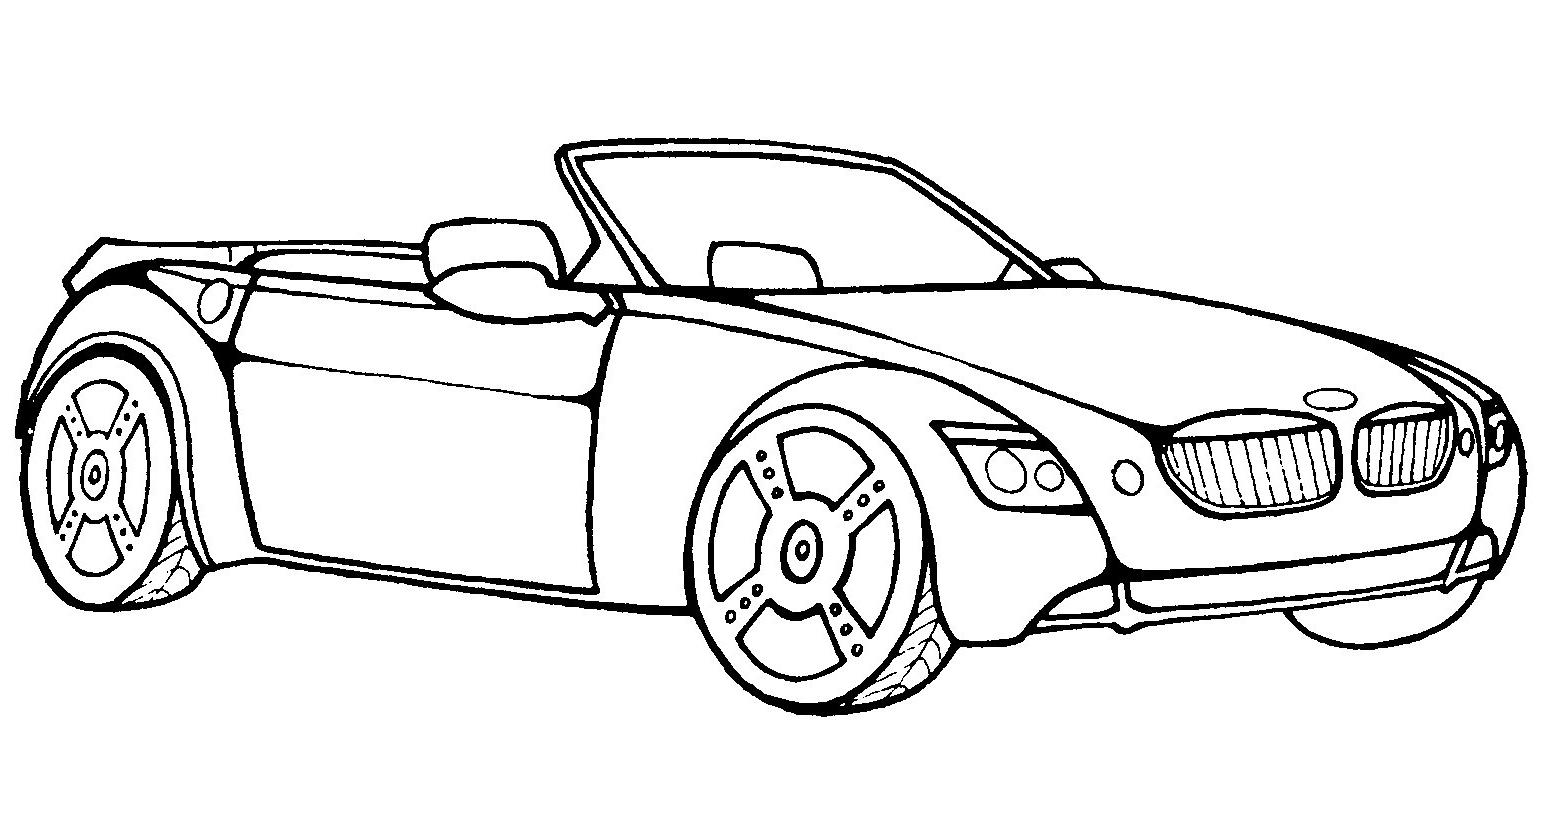 Легковая машина БМВ кабриолет - раскраска №259 | Printonic.ru